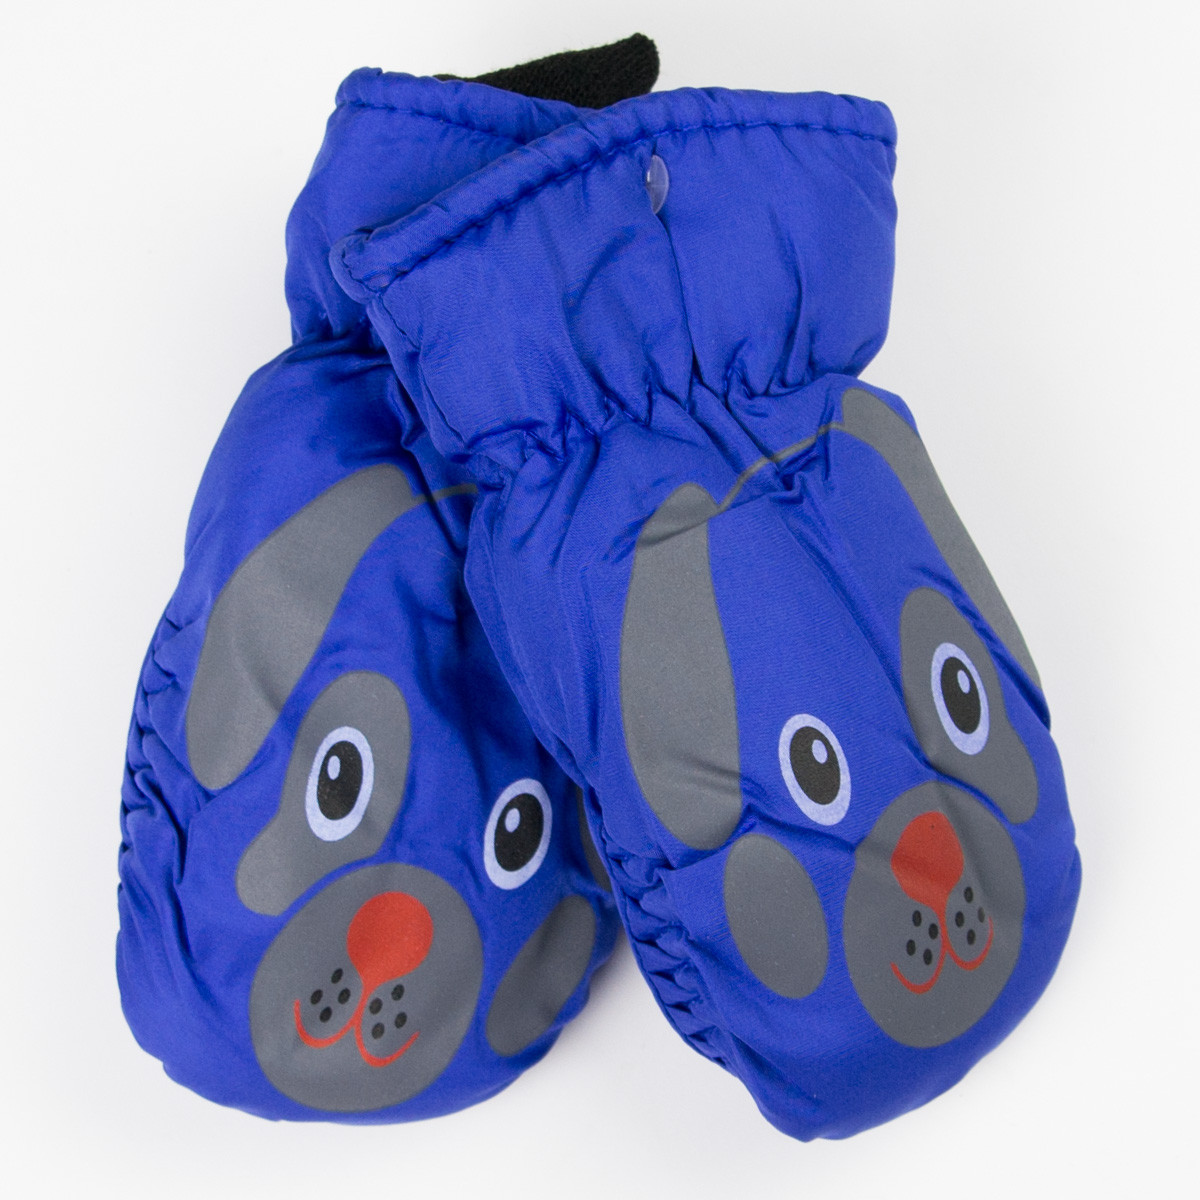 Зимние детские варежки-краги (собачки) №19-12-16 синий